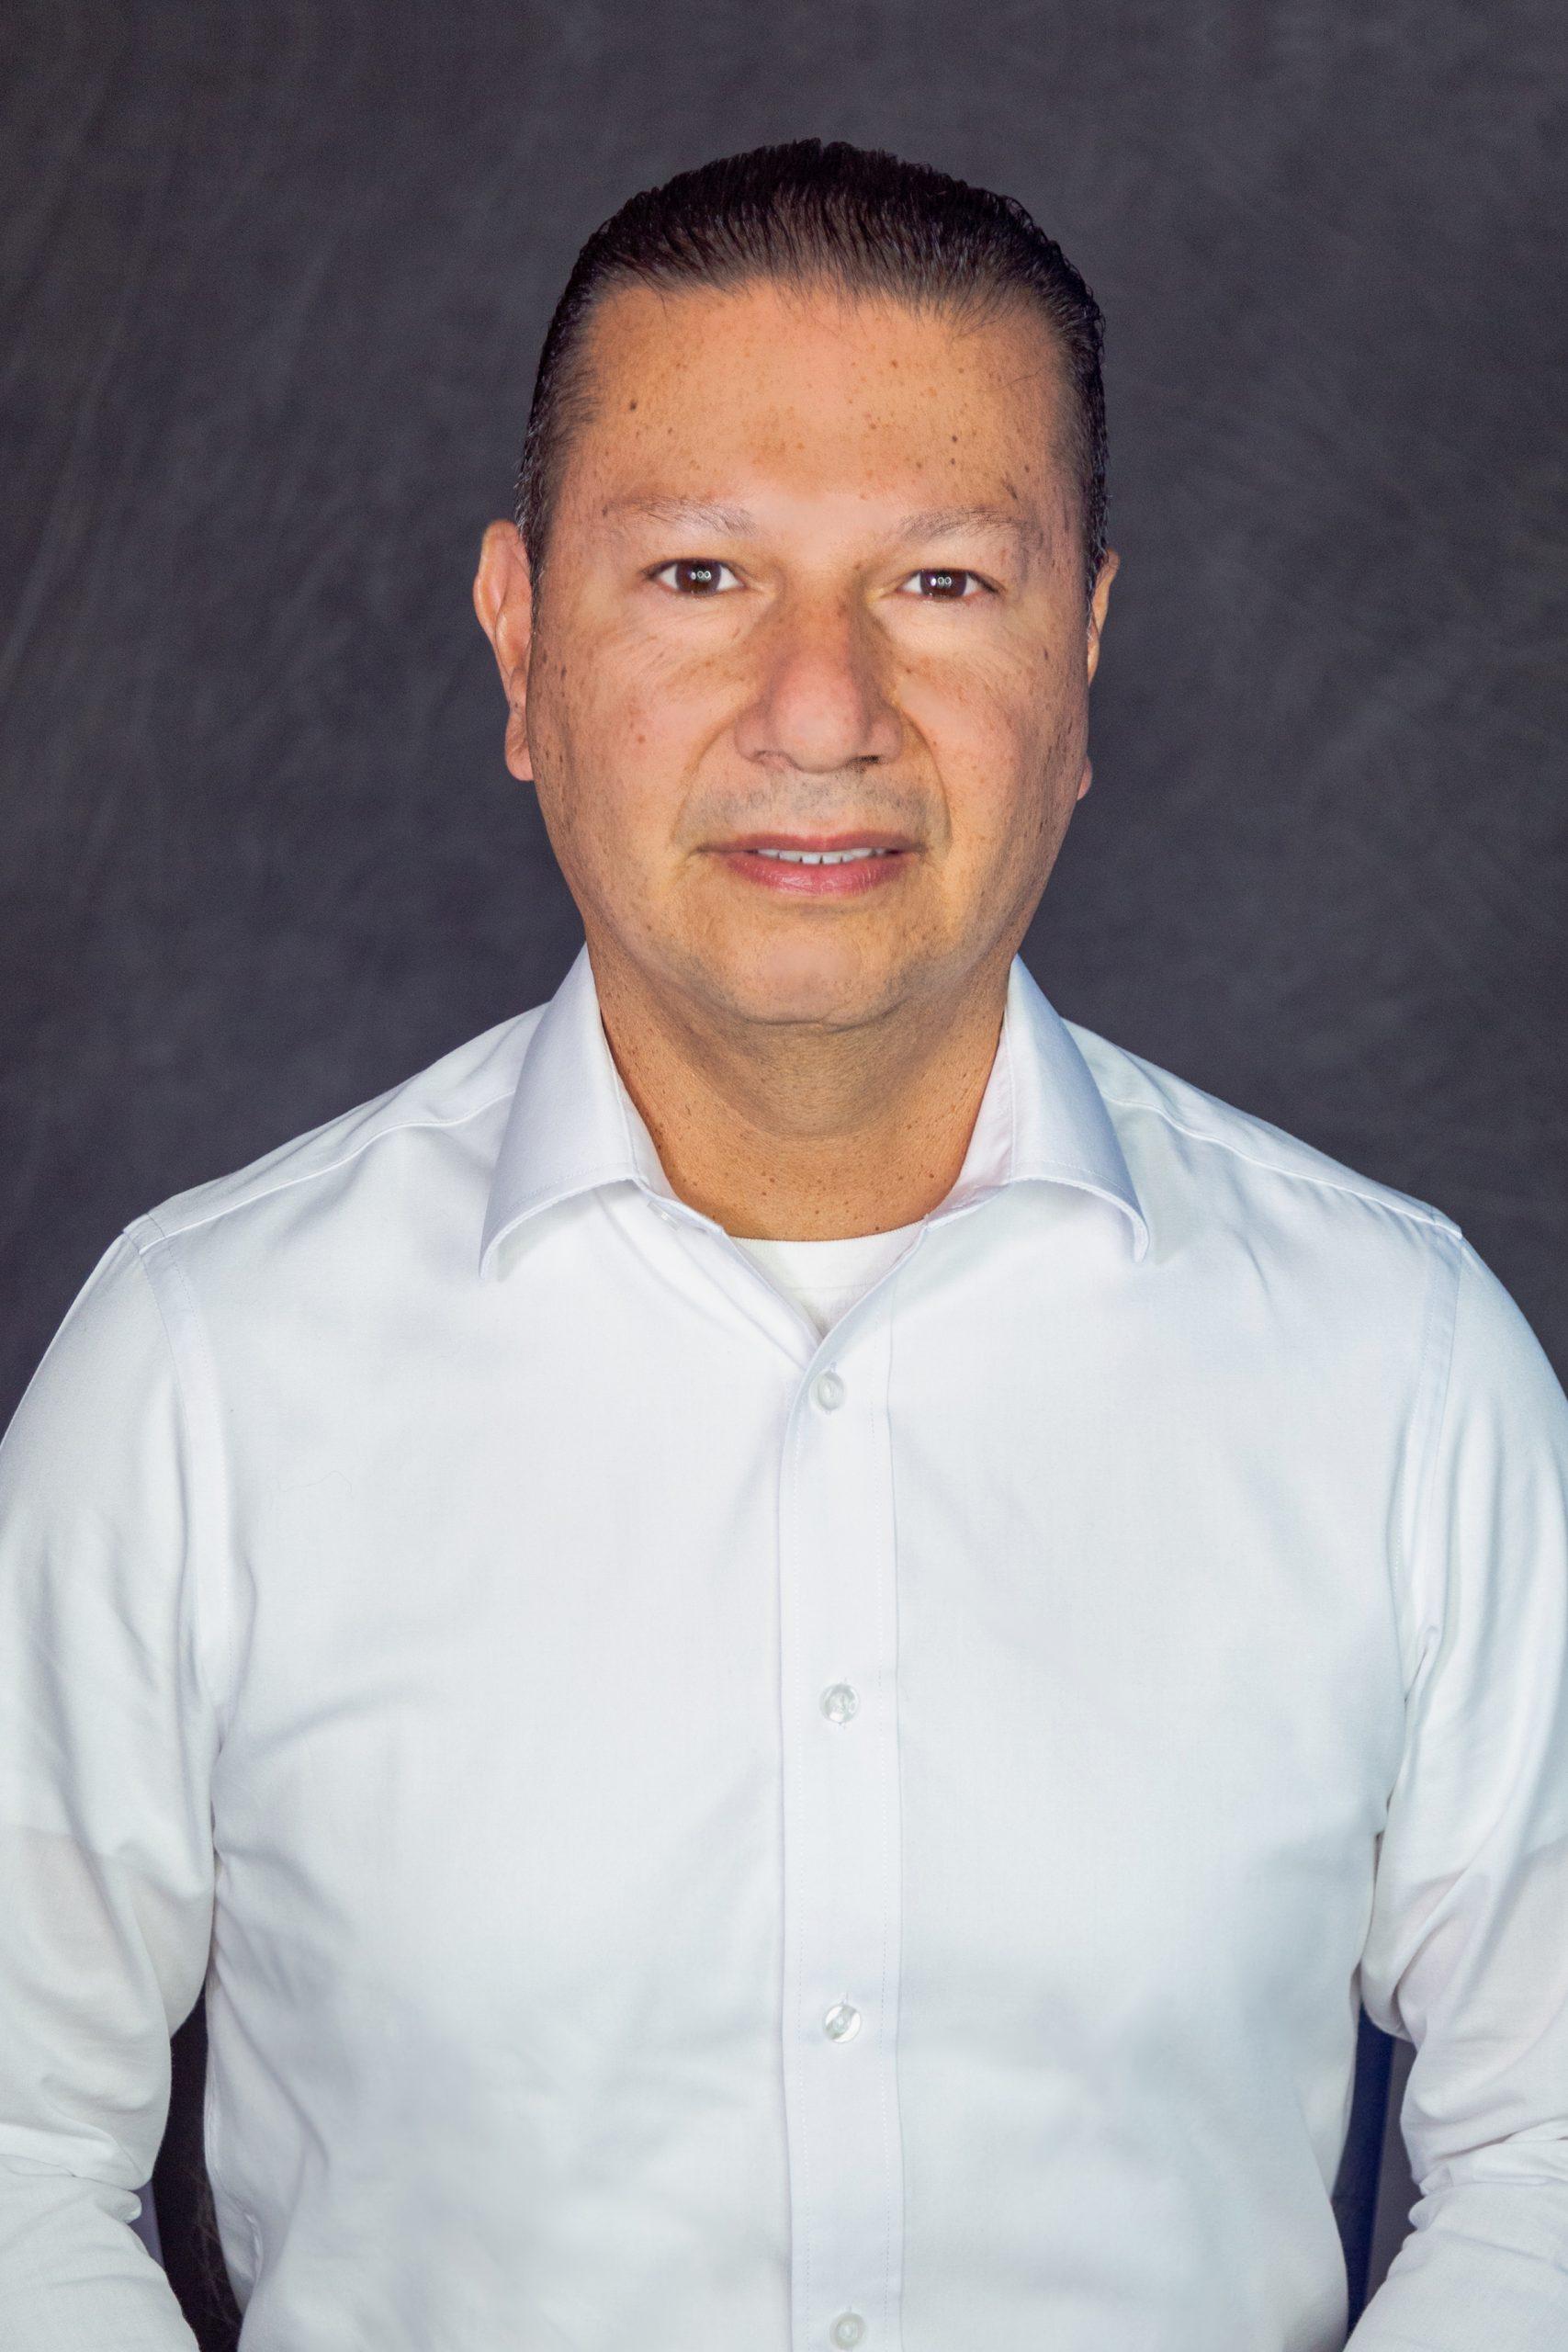 Arturo Baeza